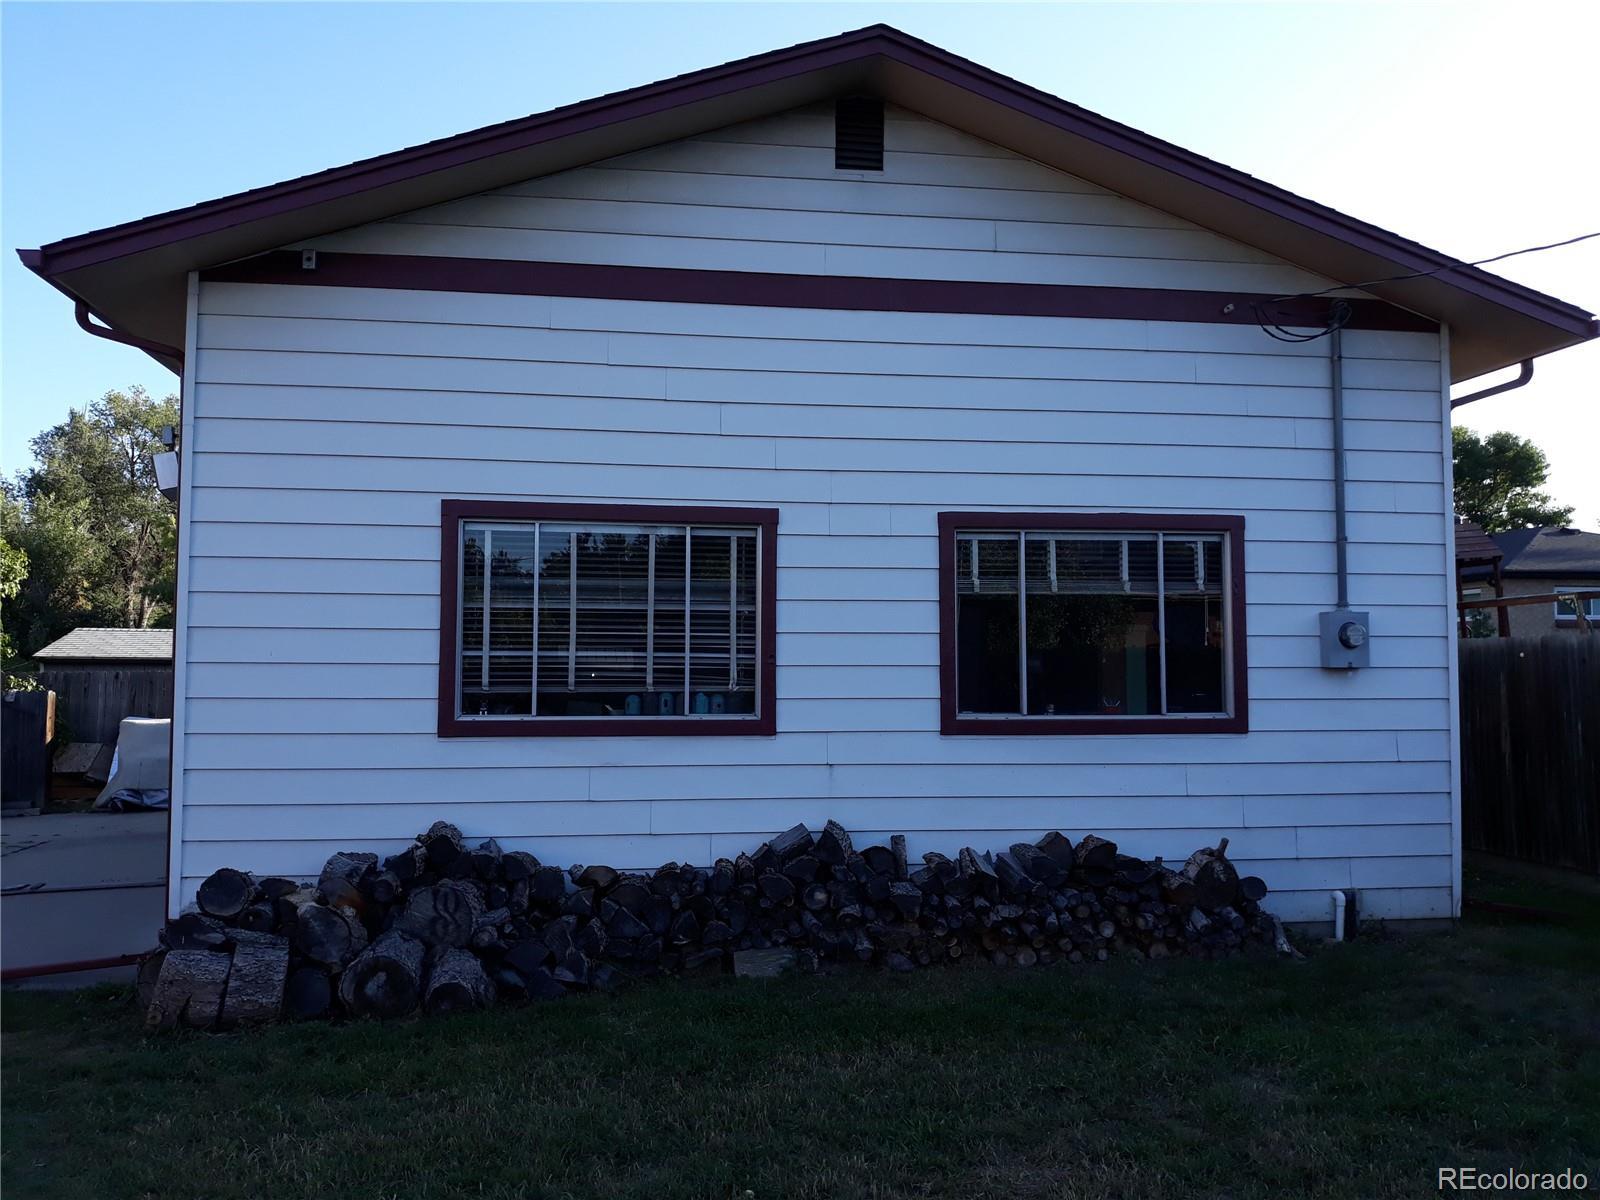 MLS# 7359840 - 6 - 2201 Teller Street, Lakewood, CO 80214